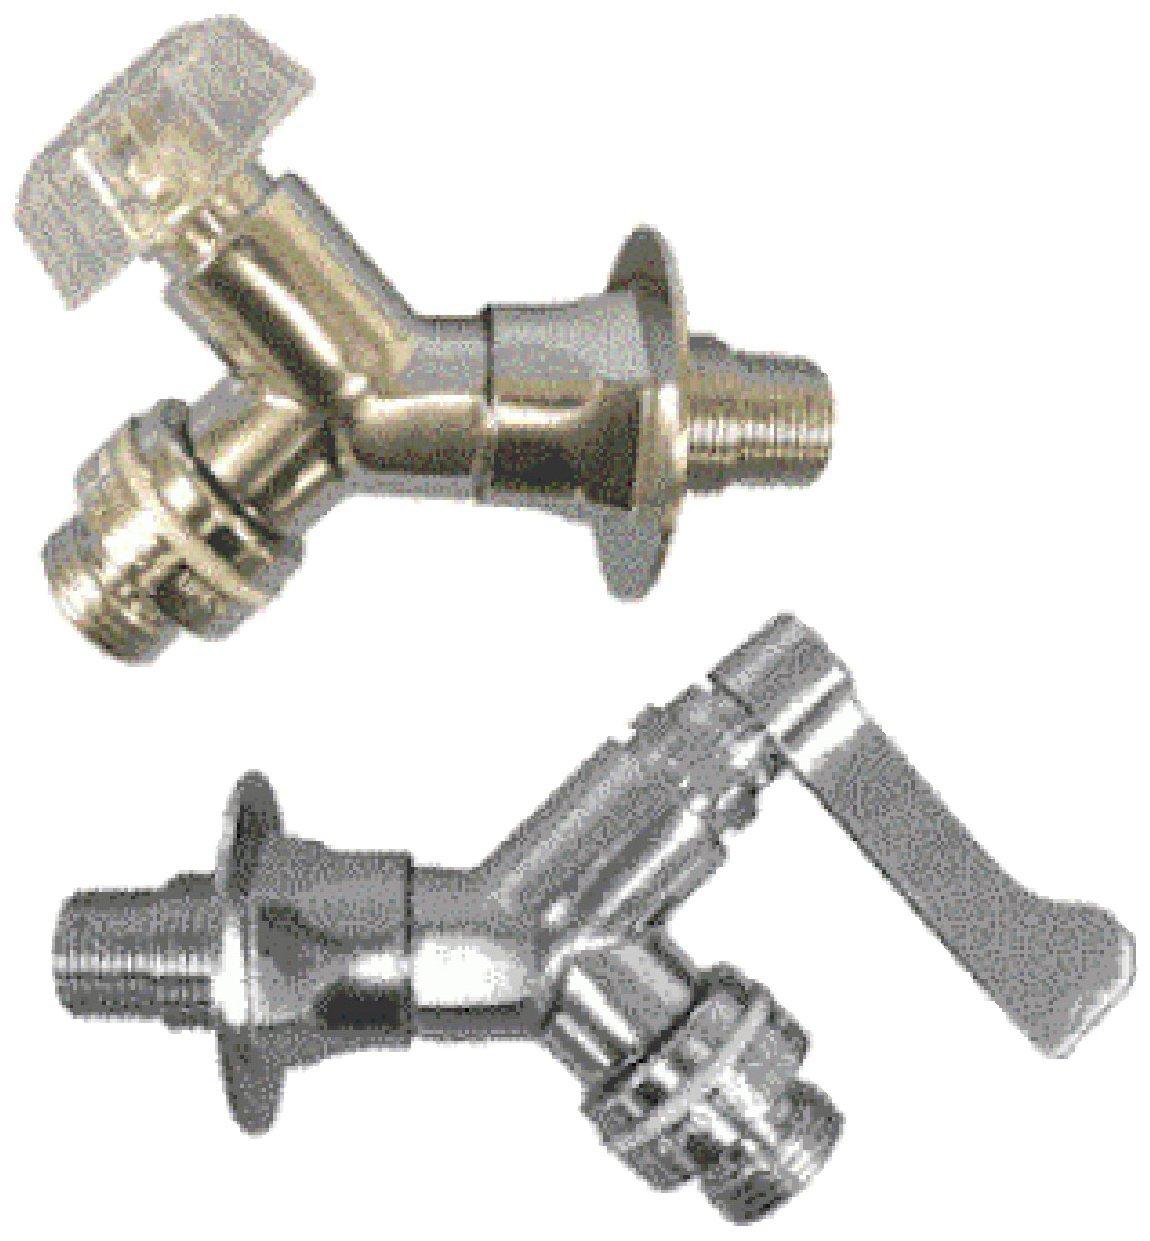 Woodford 40ht1 / 2-mh nửa vòng 1 inch trị, xử lý kim loại.